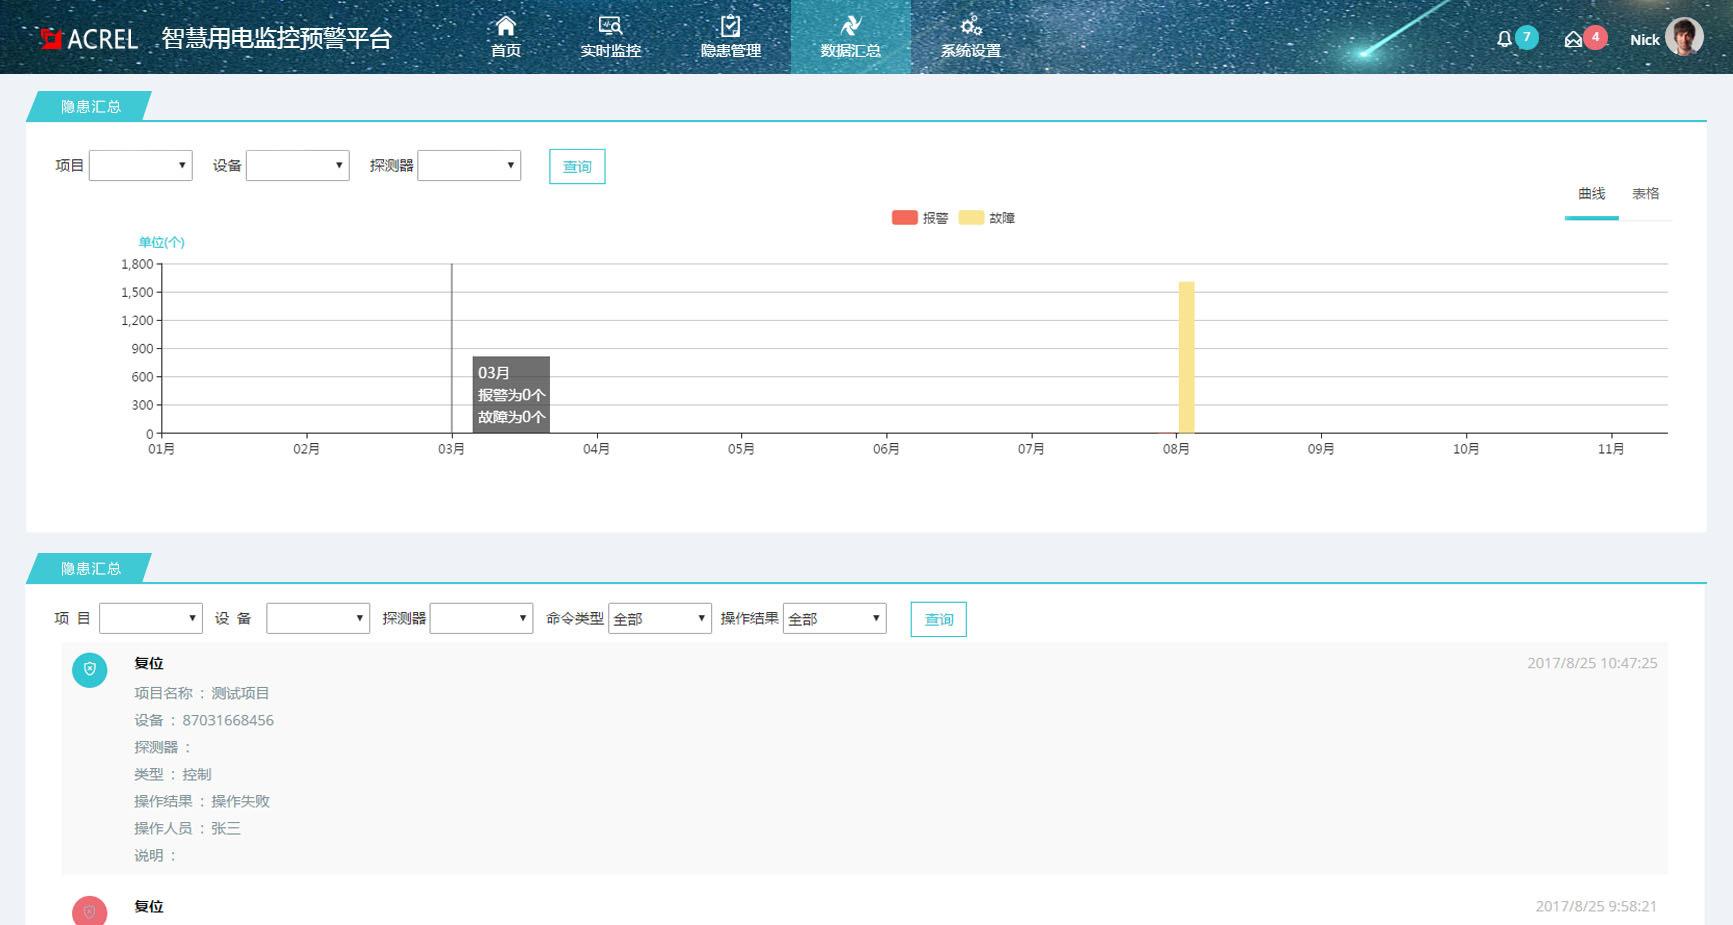 安科瑞AcrelCloud-6000智慧消防 安全用電管理云平臺 智慧用電監控預警平臺示例圖12